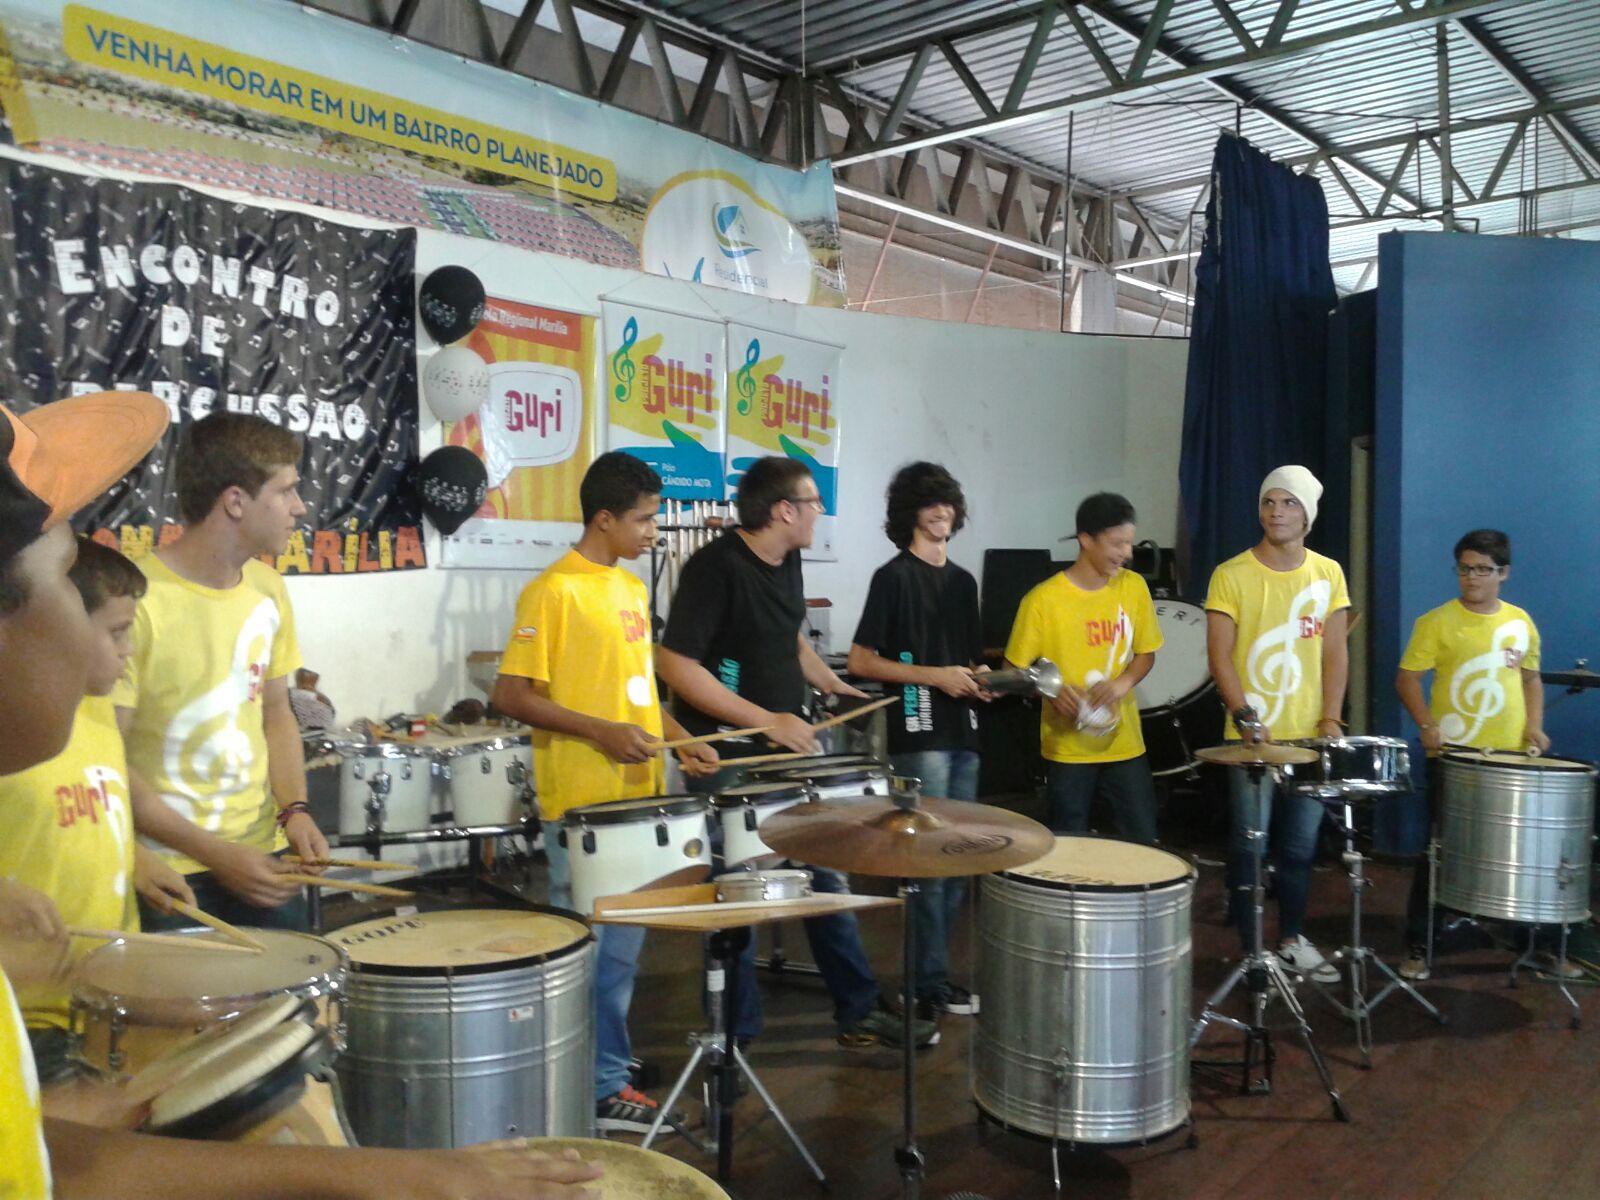 EmCena - Encontro de Percussão em Marília